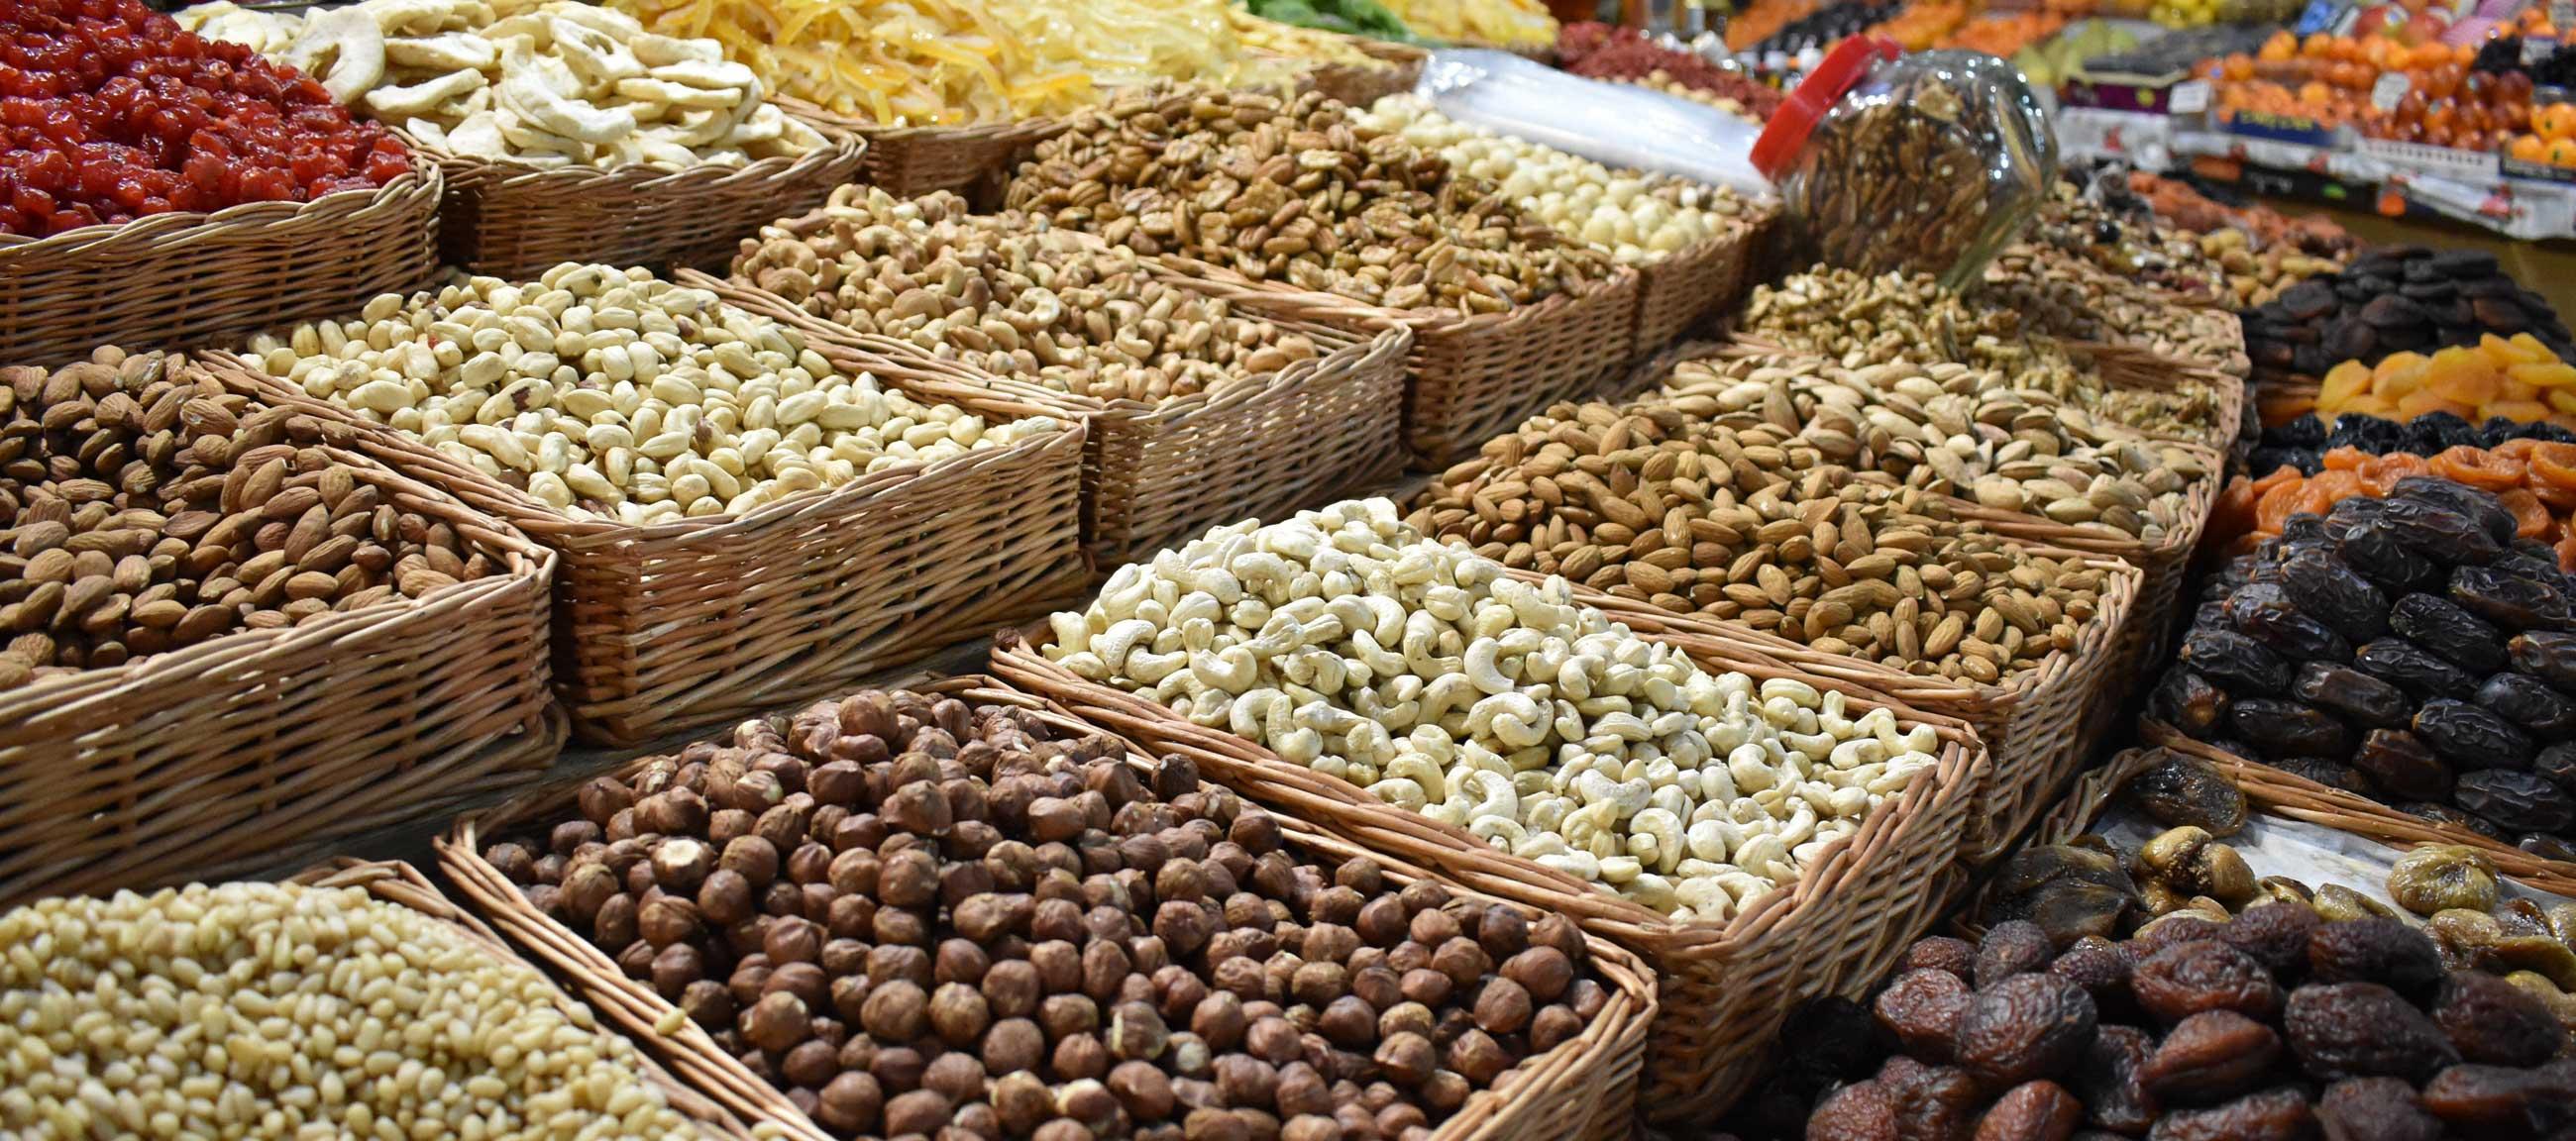 На адлерском рынке вы найдете большой выбор орехов и специй.Фото: pixabey.com